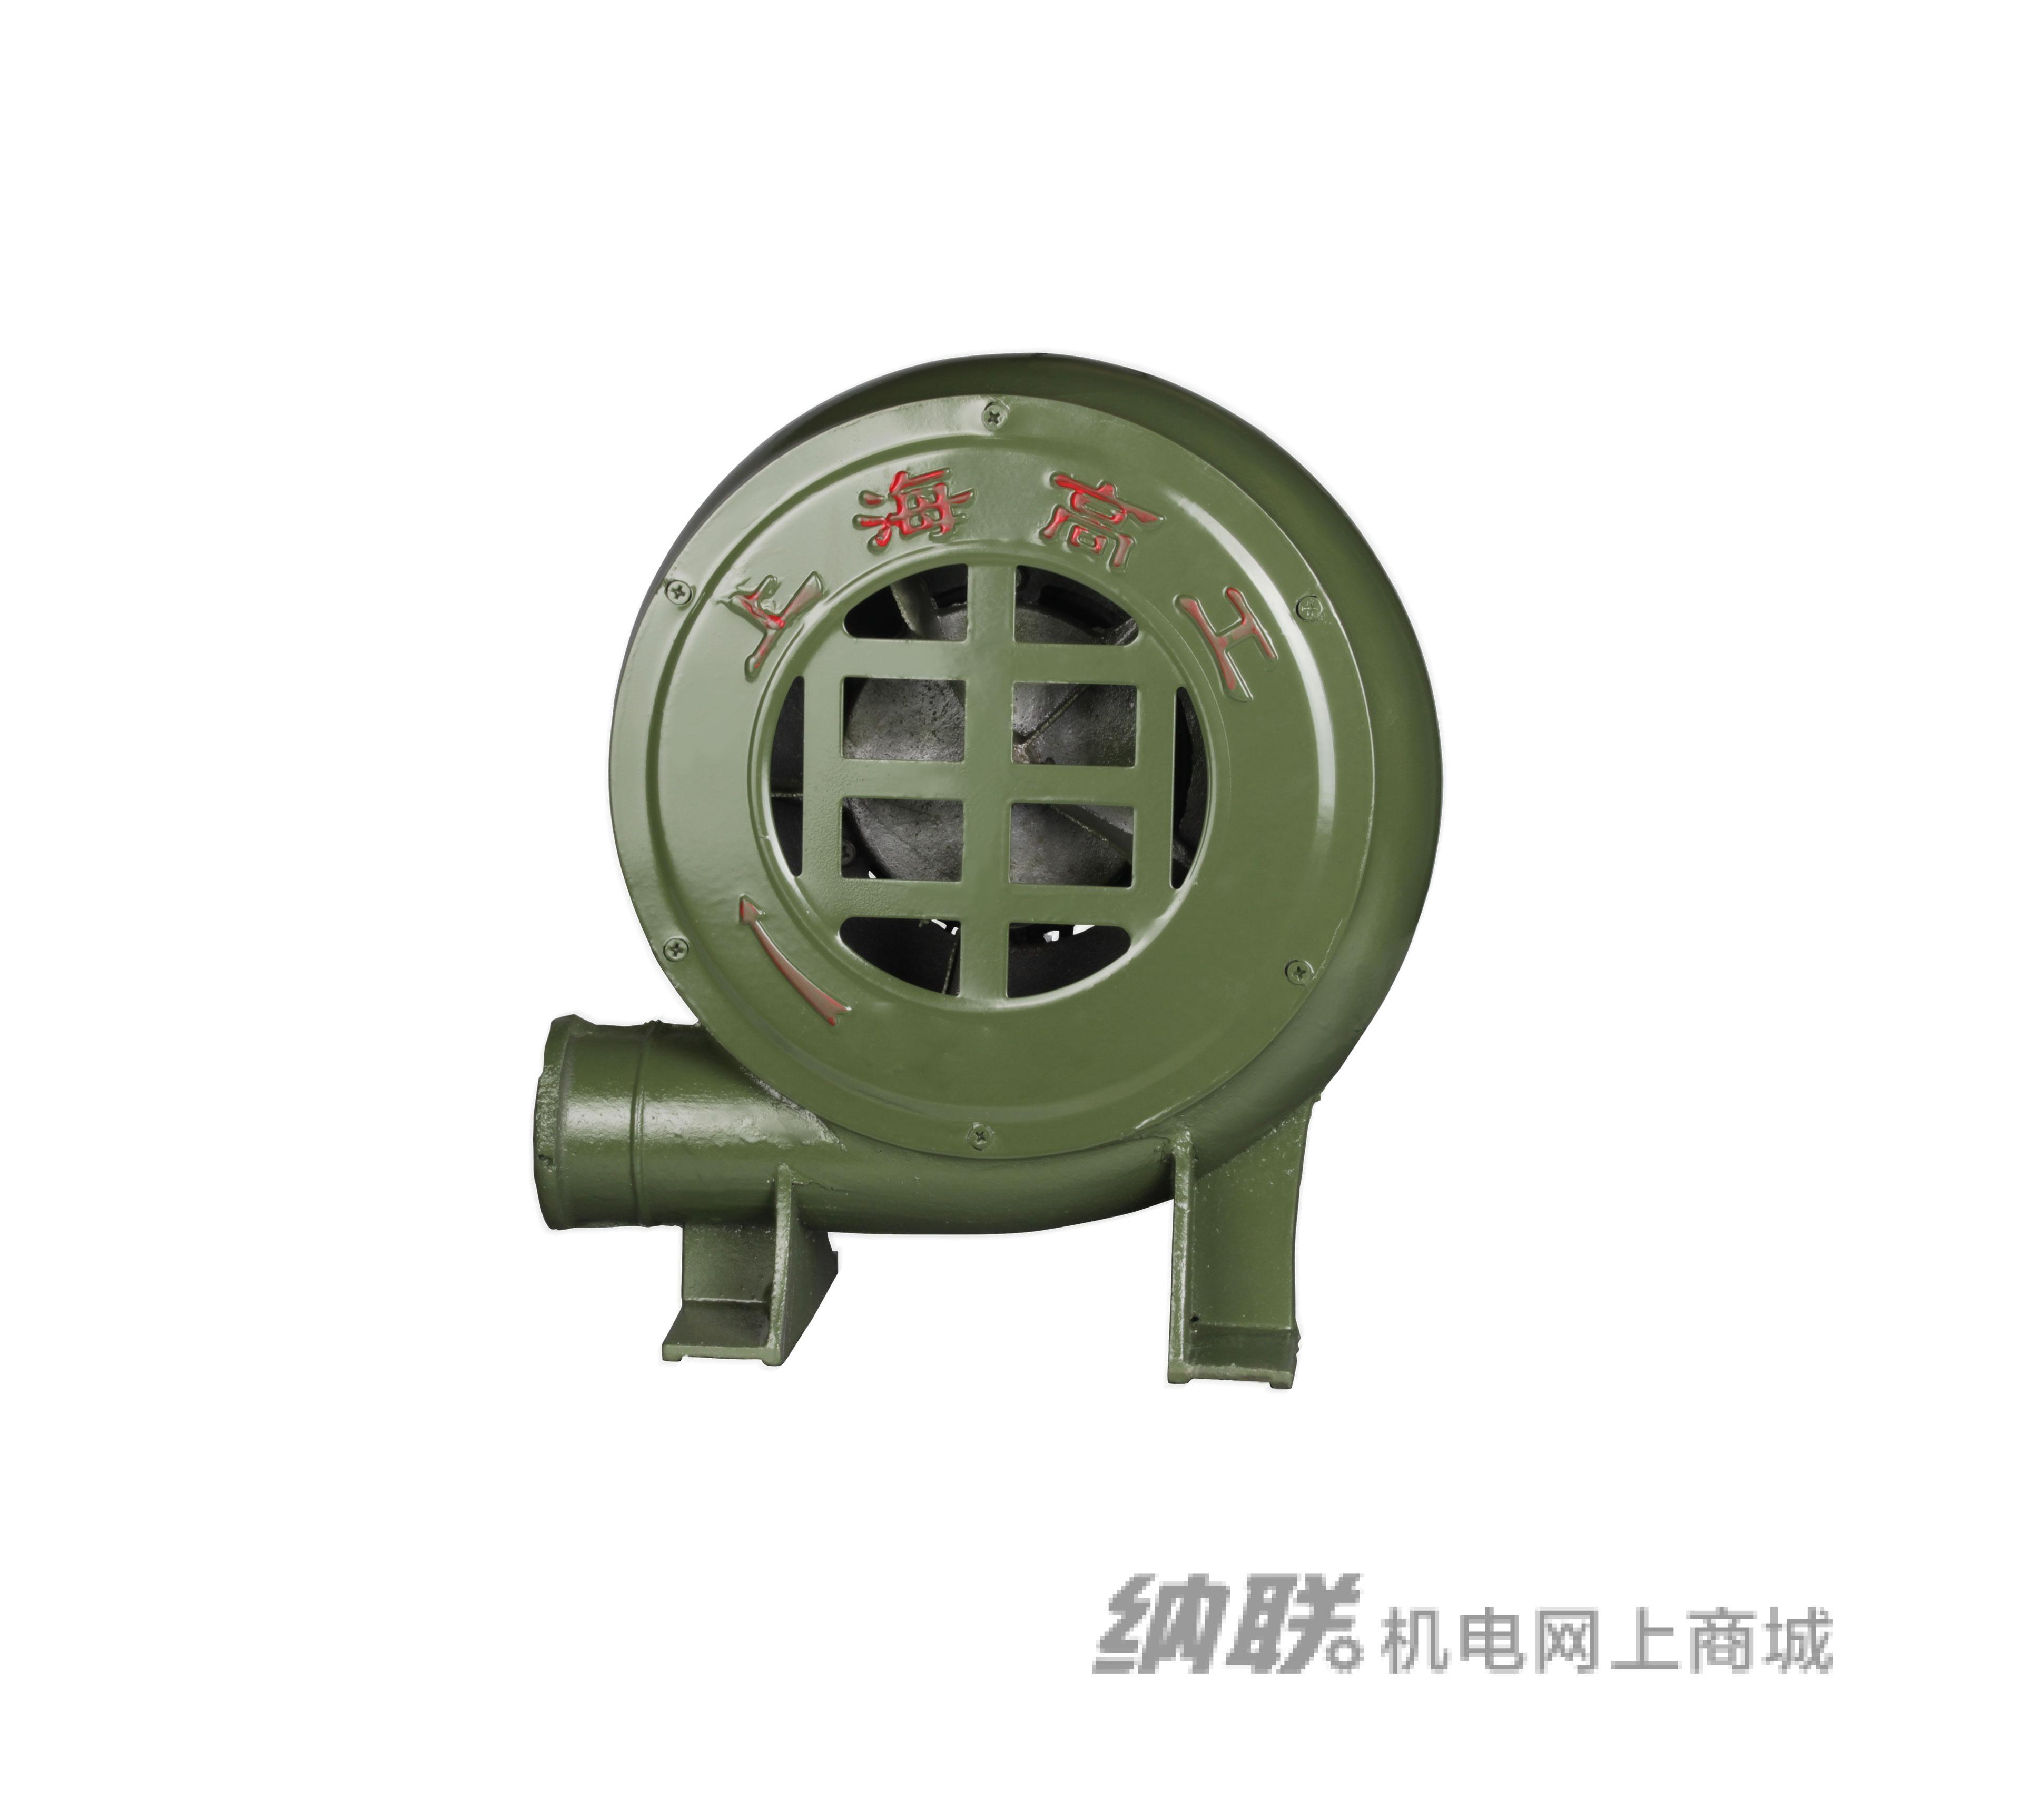 纳联机电 新型离心式鼓风机-X-CZR-100/100W 单相